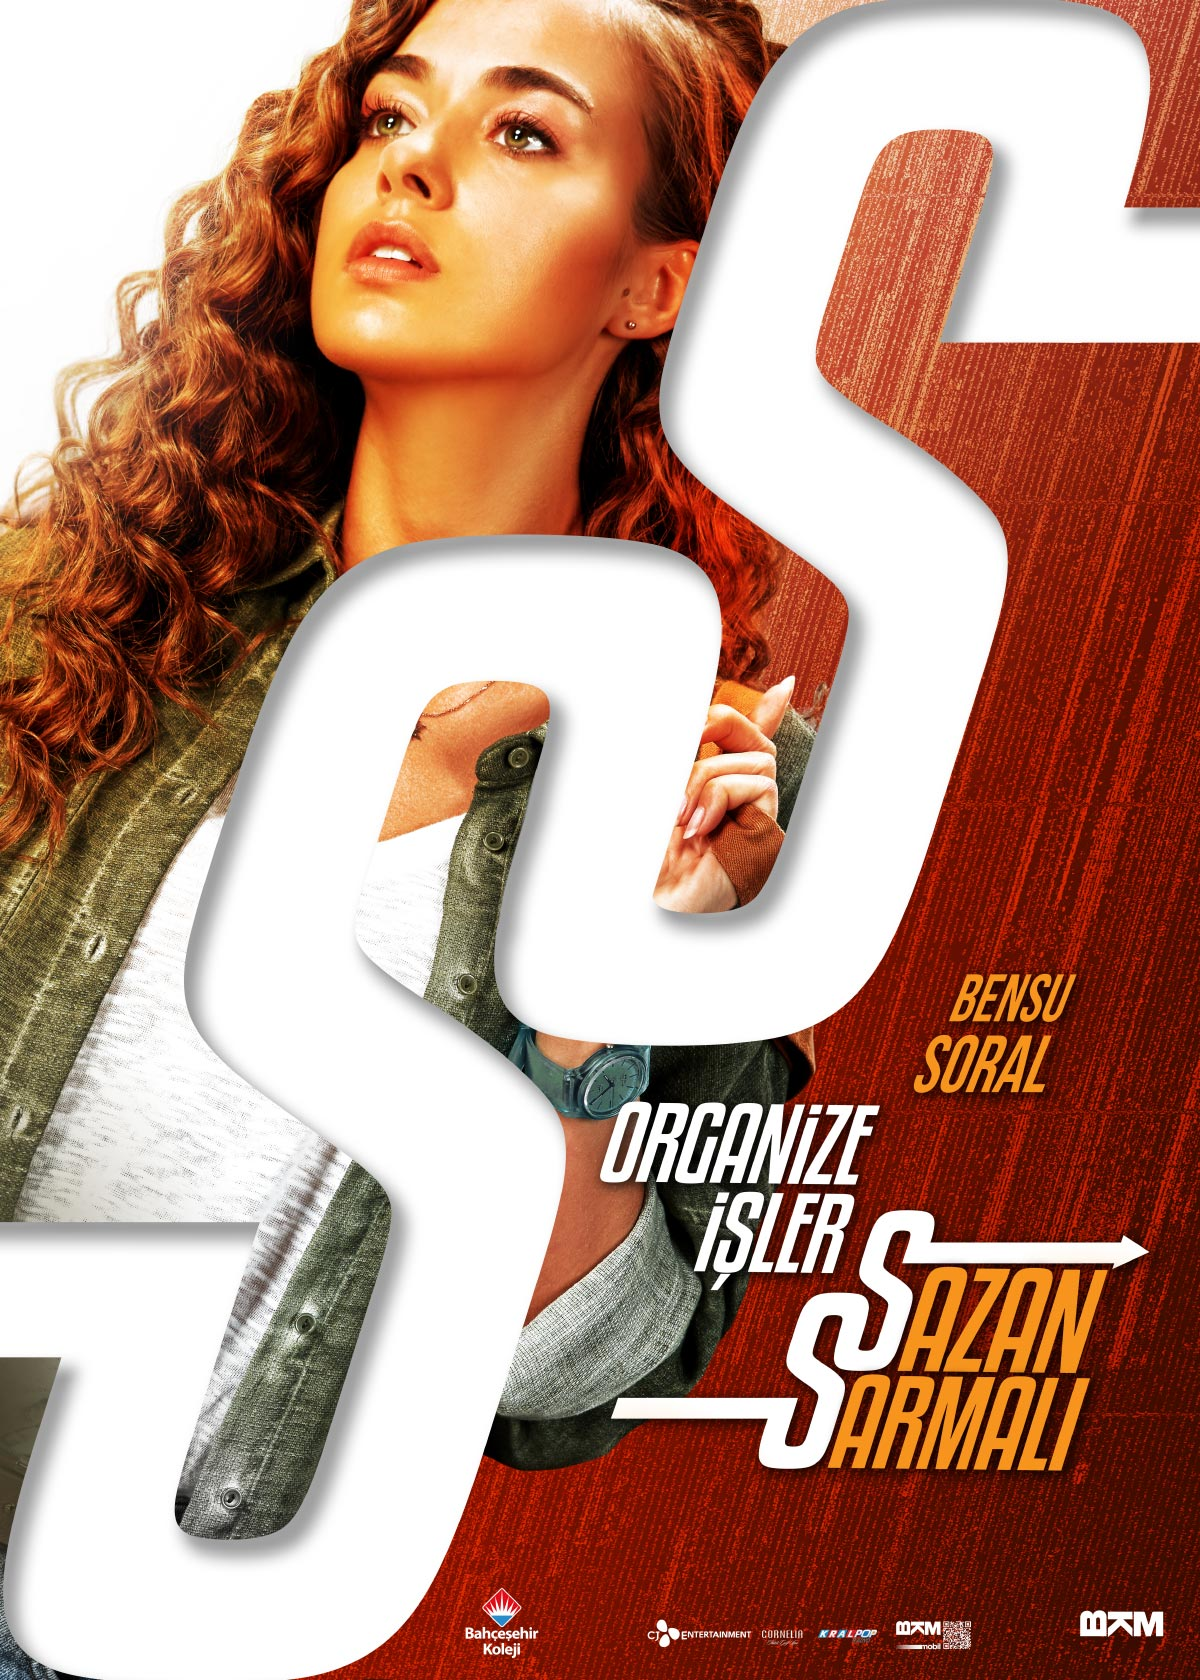 organize-isler-sazan-sarmali-05